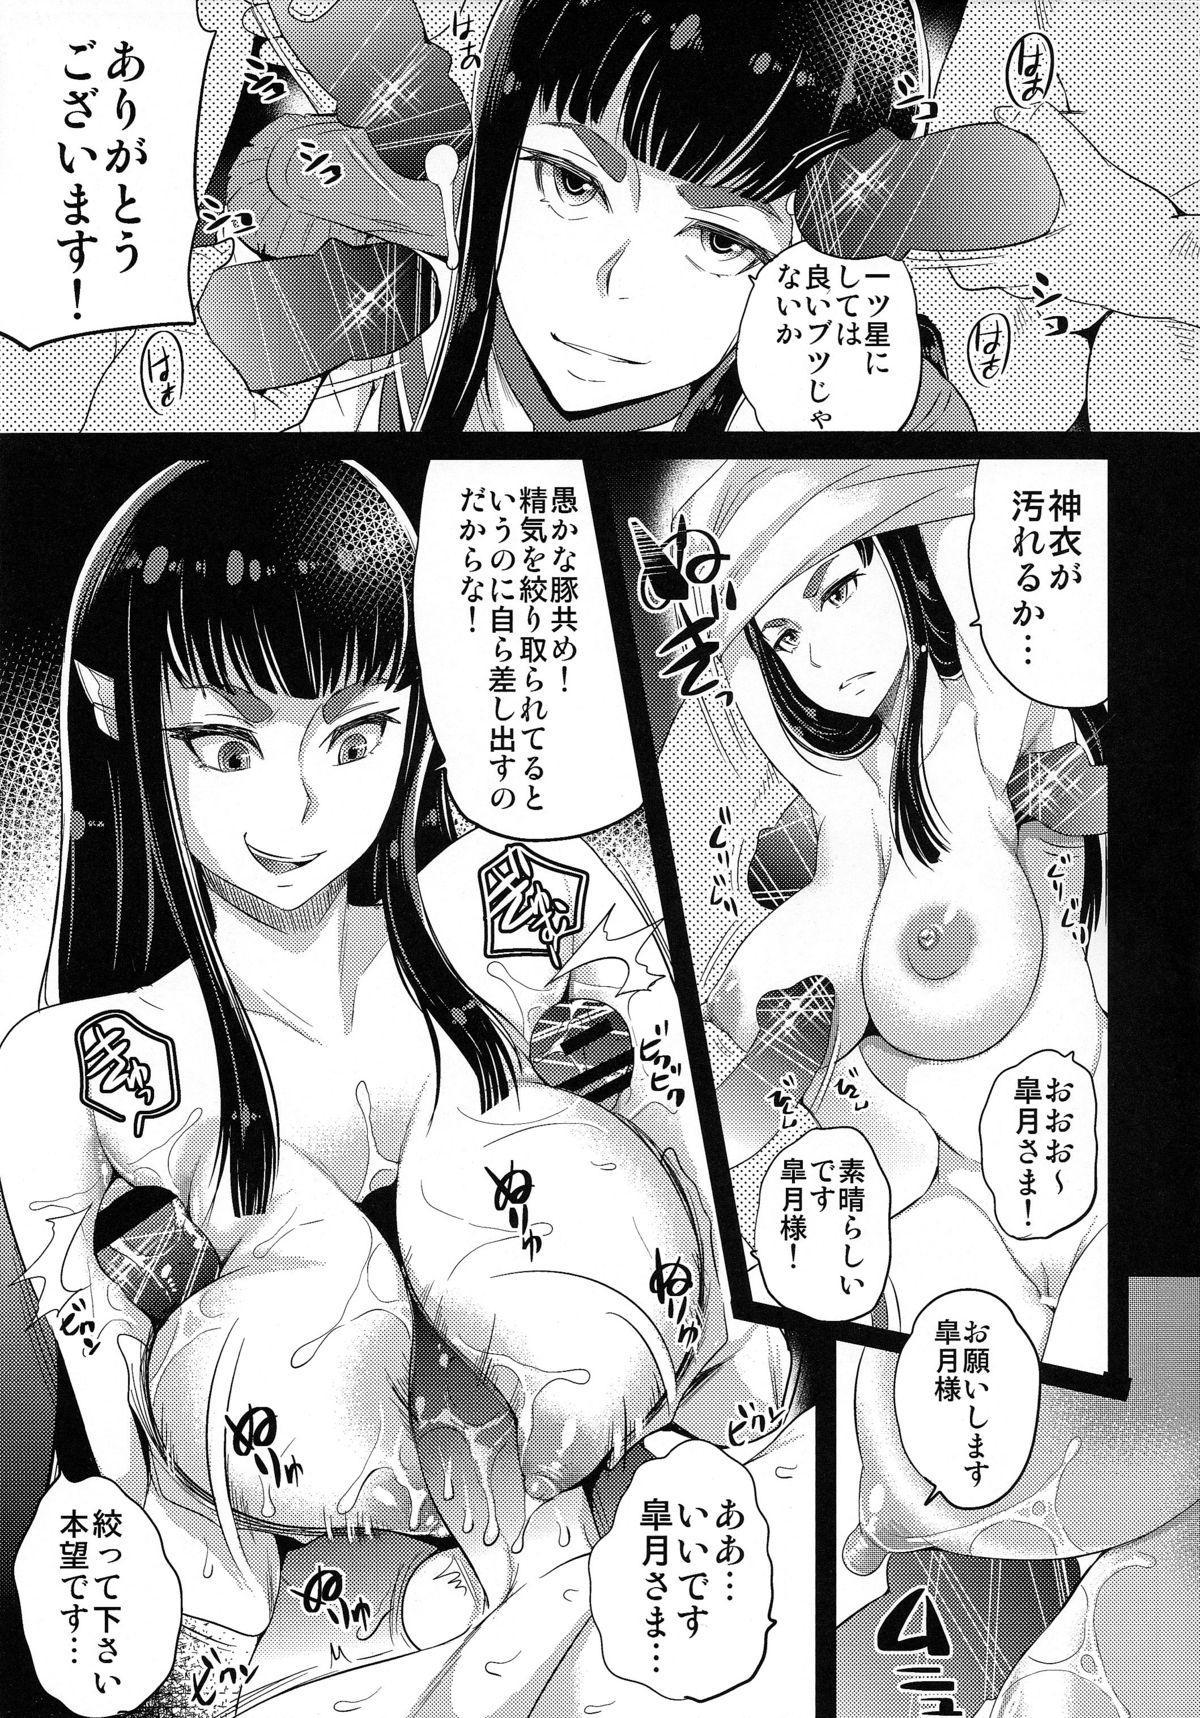 Kyokusei o Sasageyo! 6